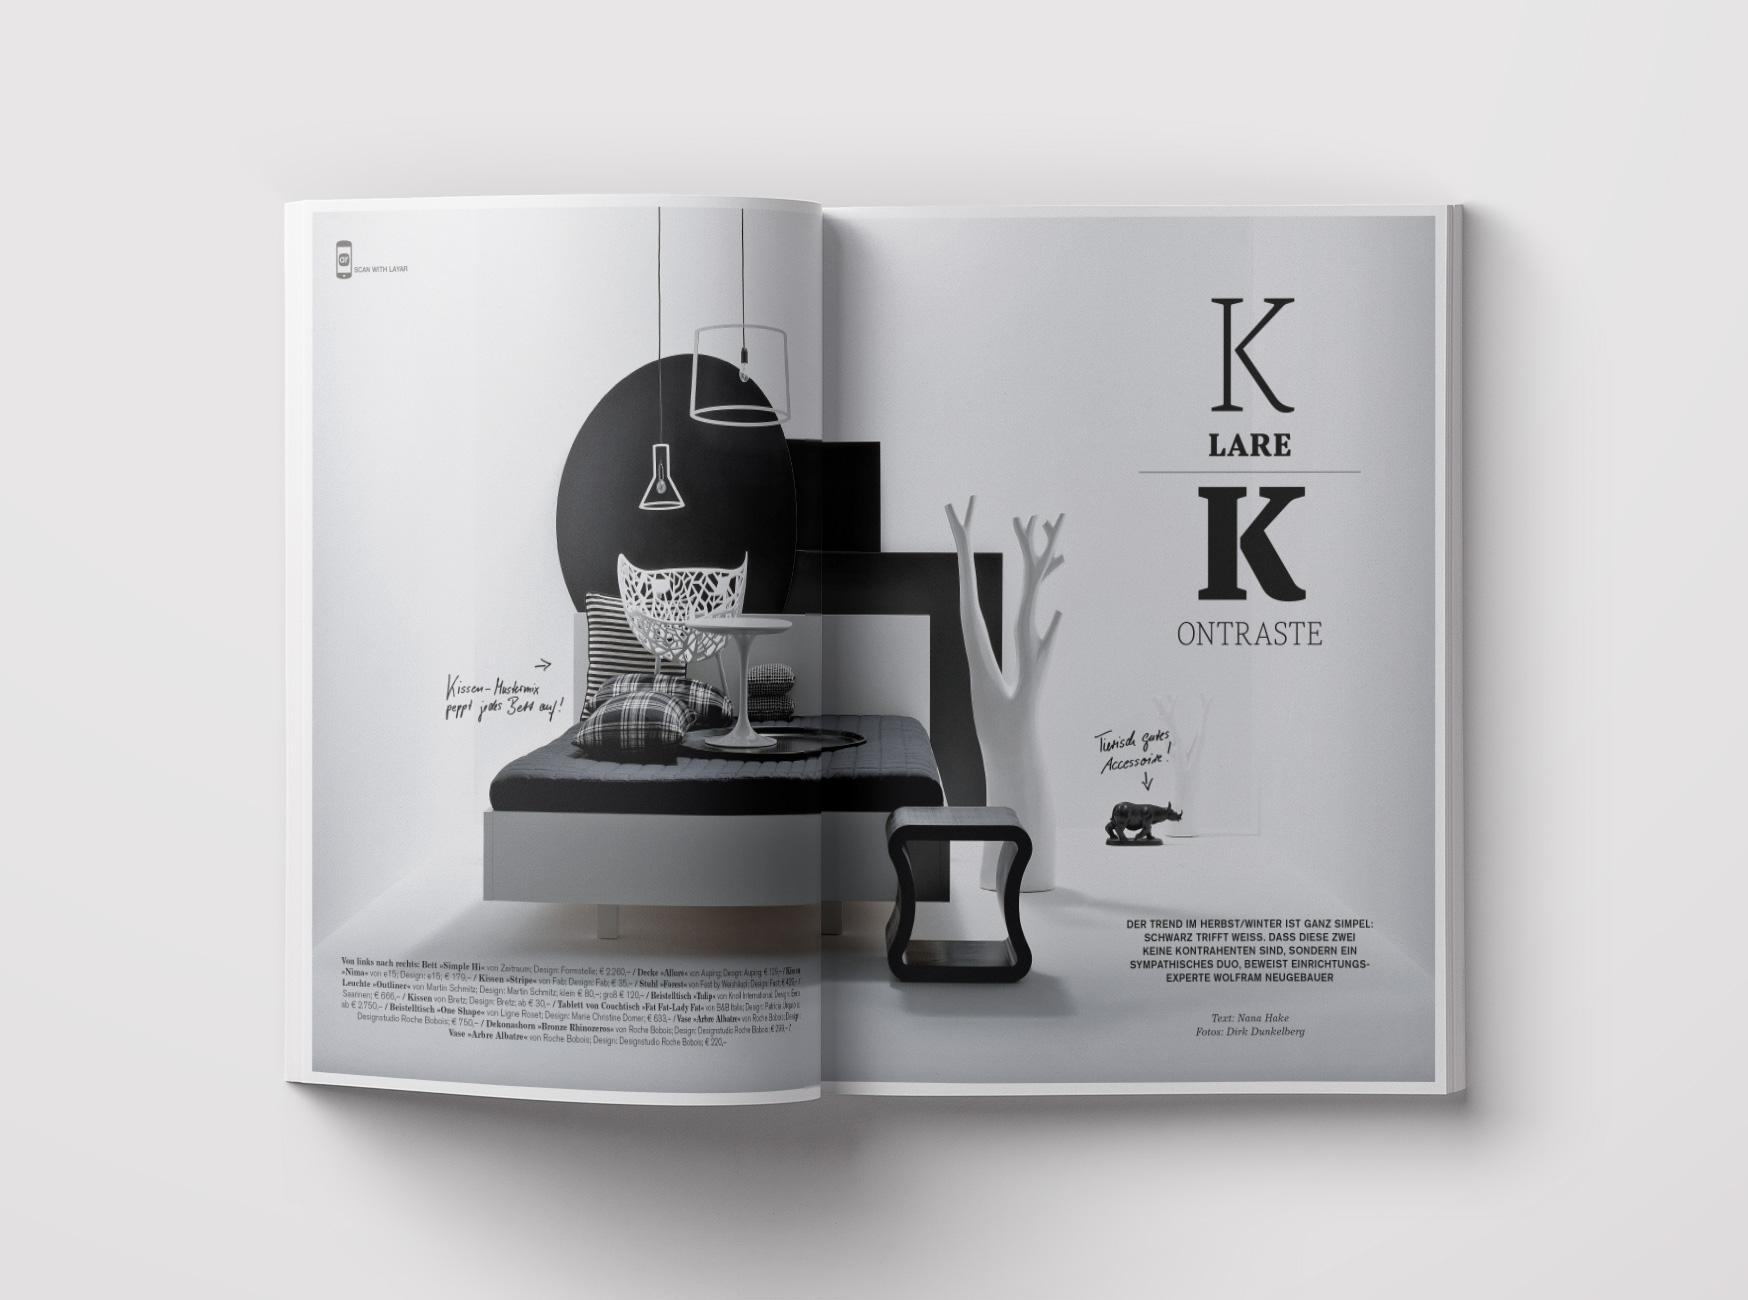 sw_Magazine_4_2013_innen_1170x870px_144dpi_01